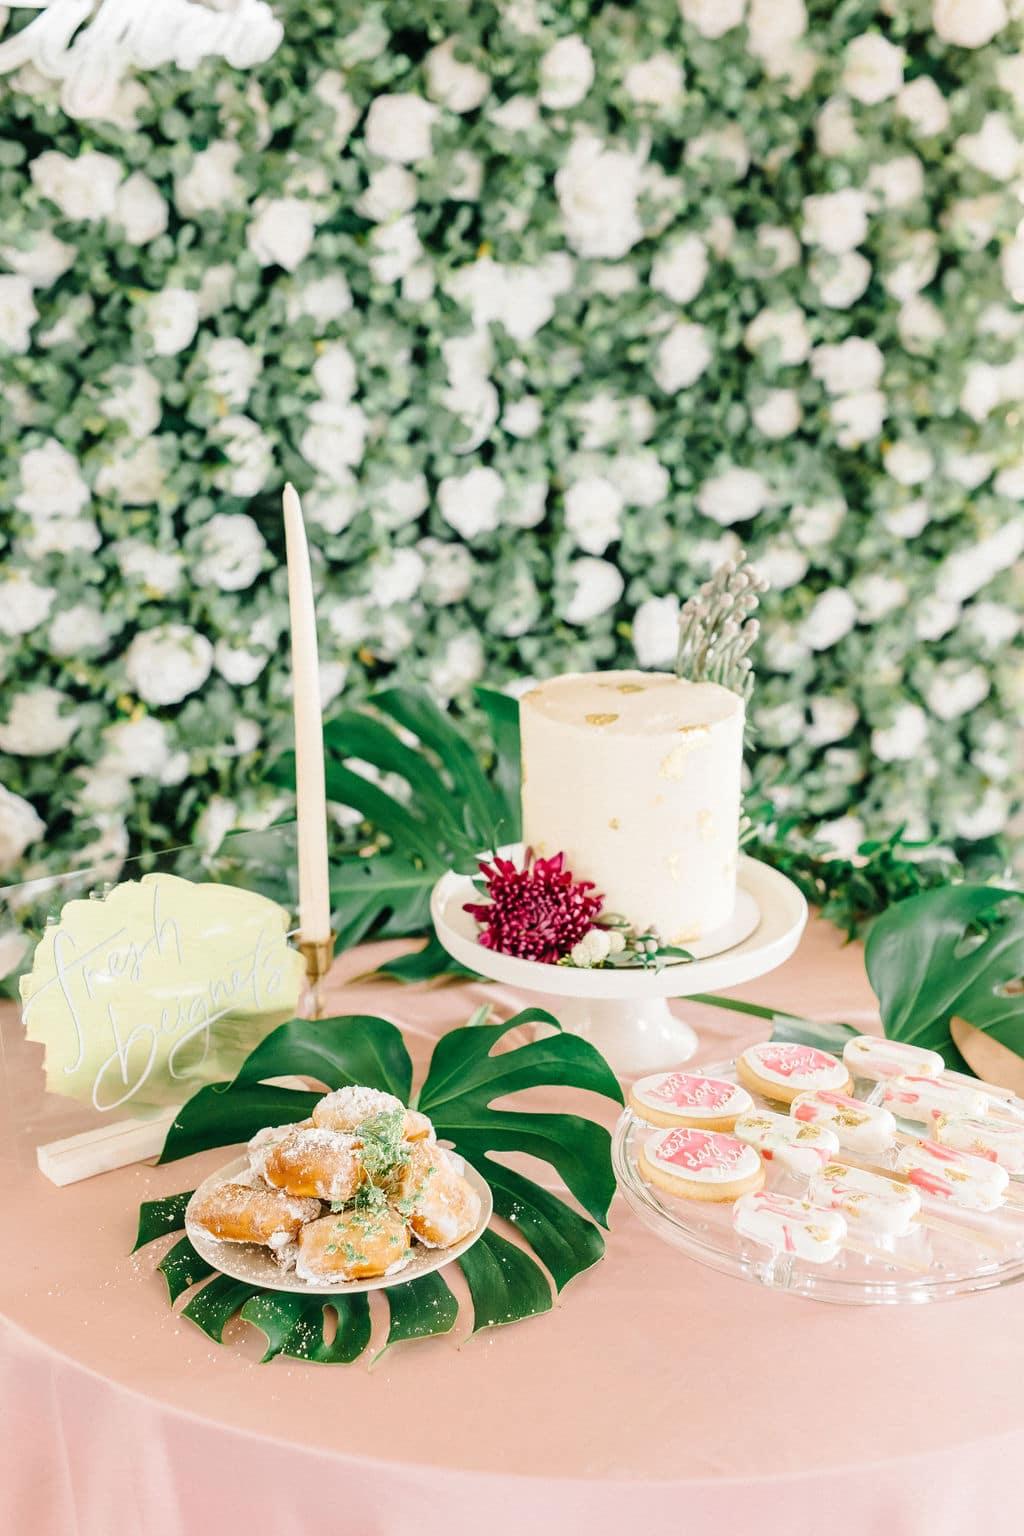 micro wedding Disney Princess and the Frog Wedding Theme dessert display